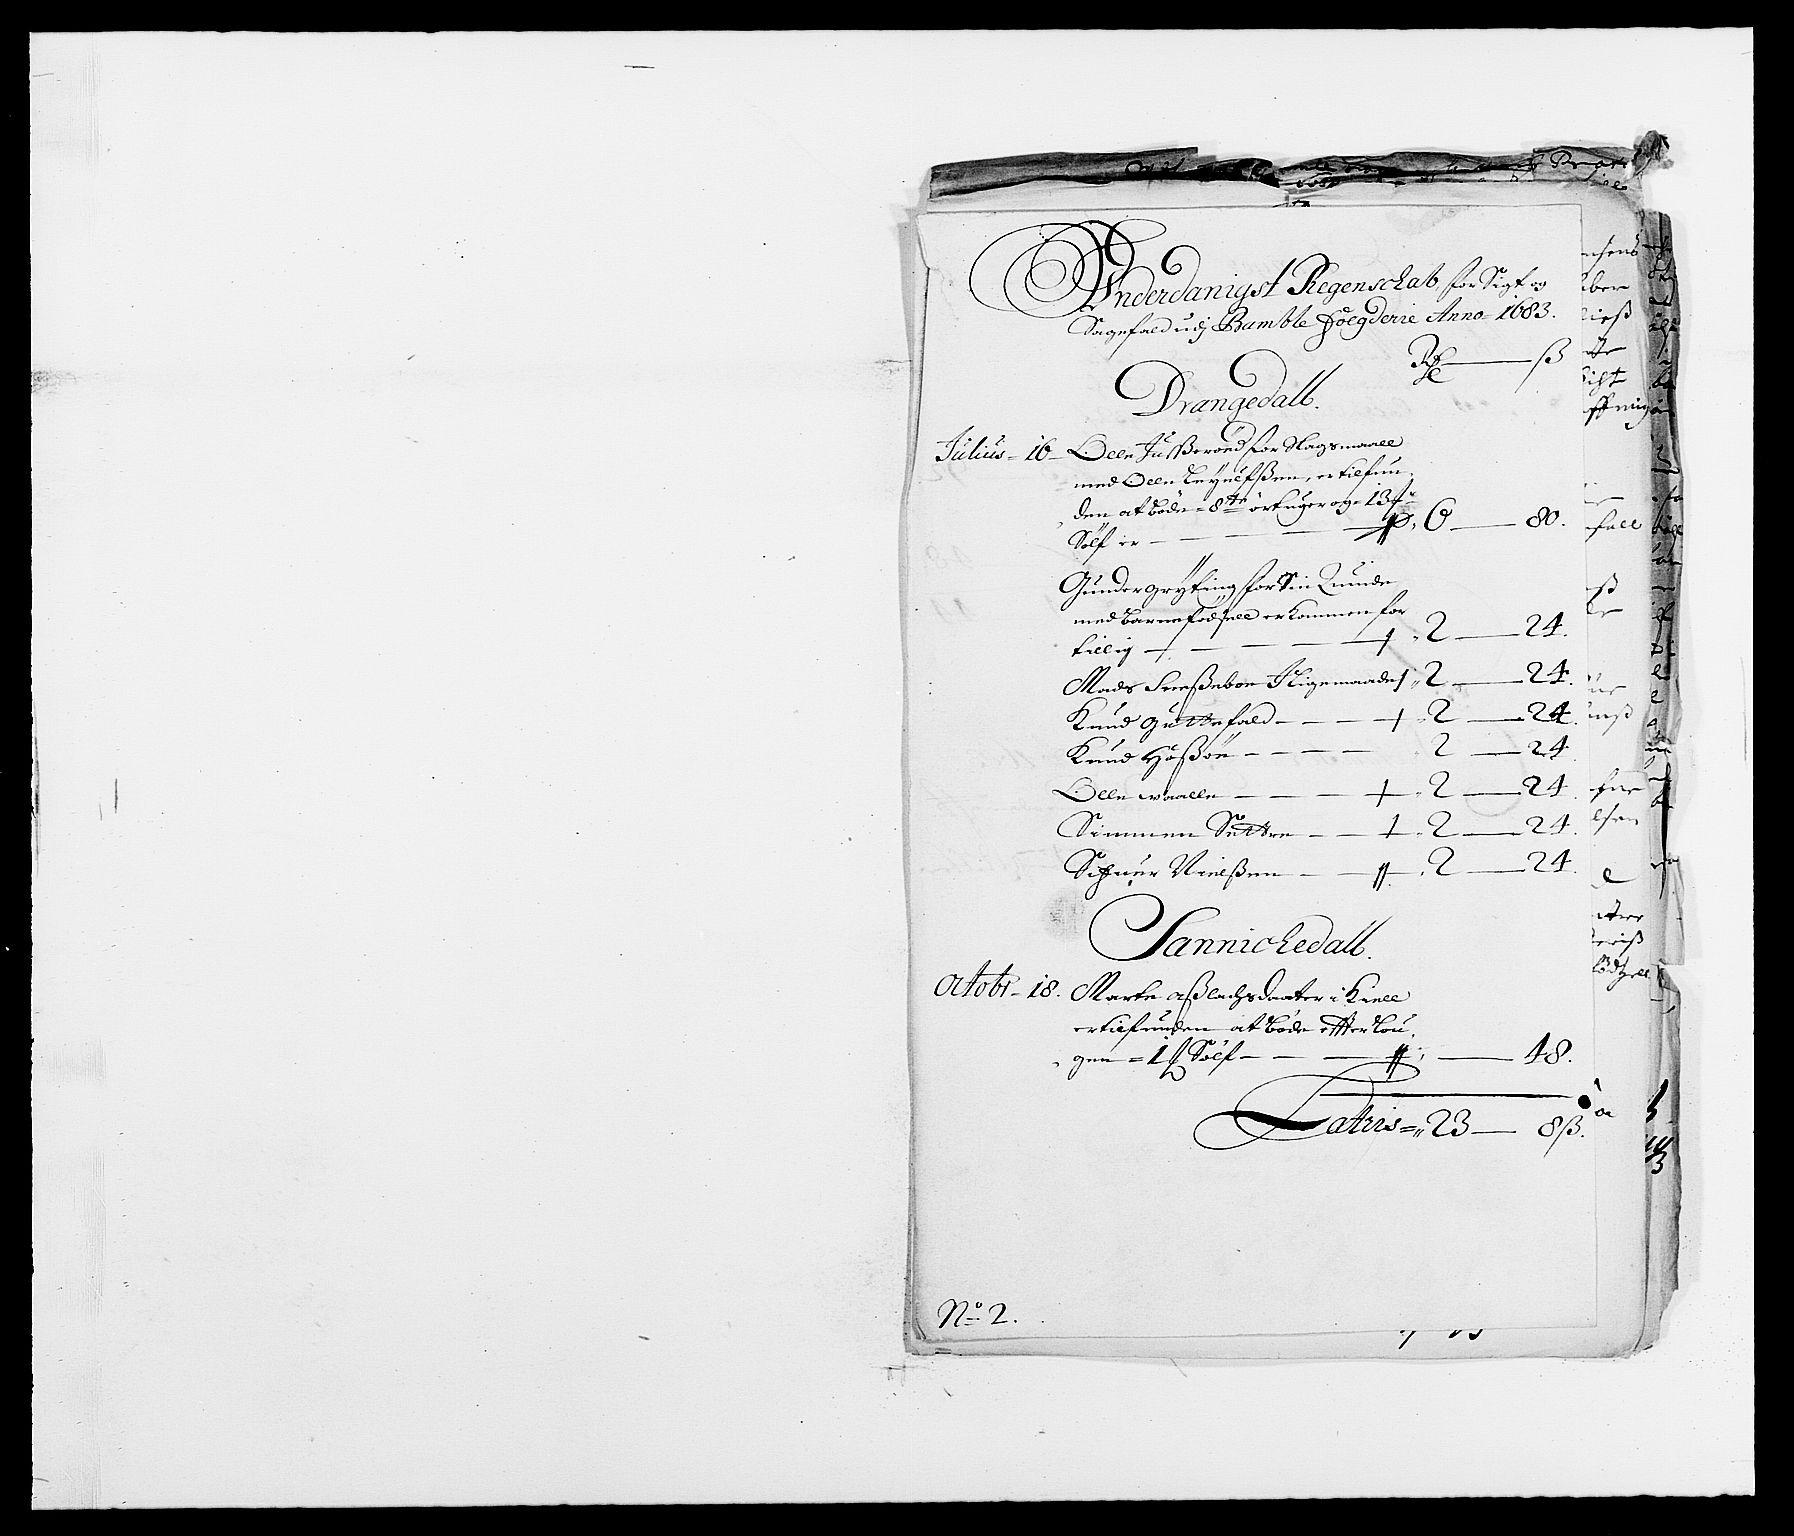 RA, Rentekammeret inntil 1814, Reviderte regnskaper, Fogderegnskap, R34/L2046: Fogderegnskap Bamble, 1682-1683, s. 276